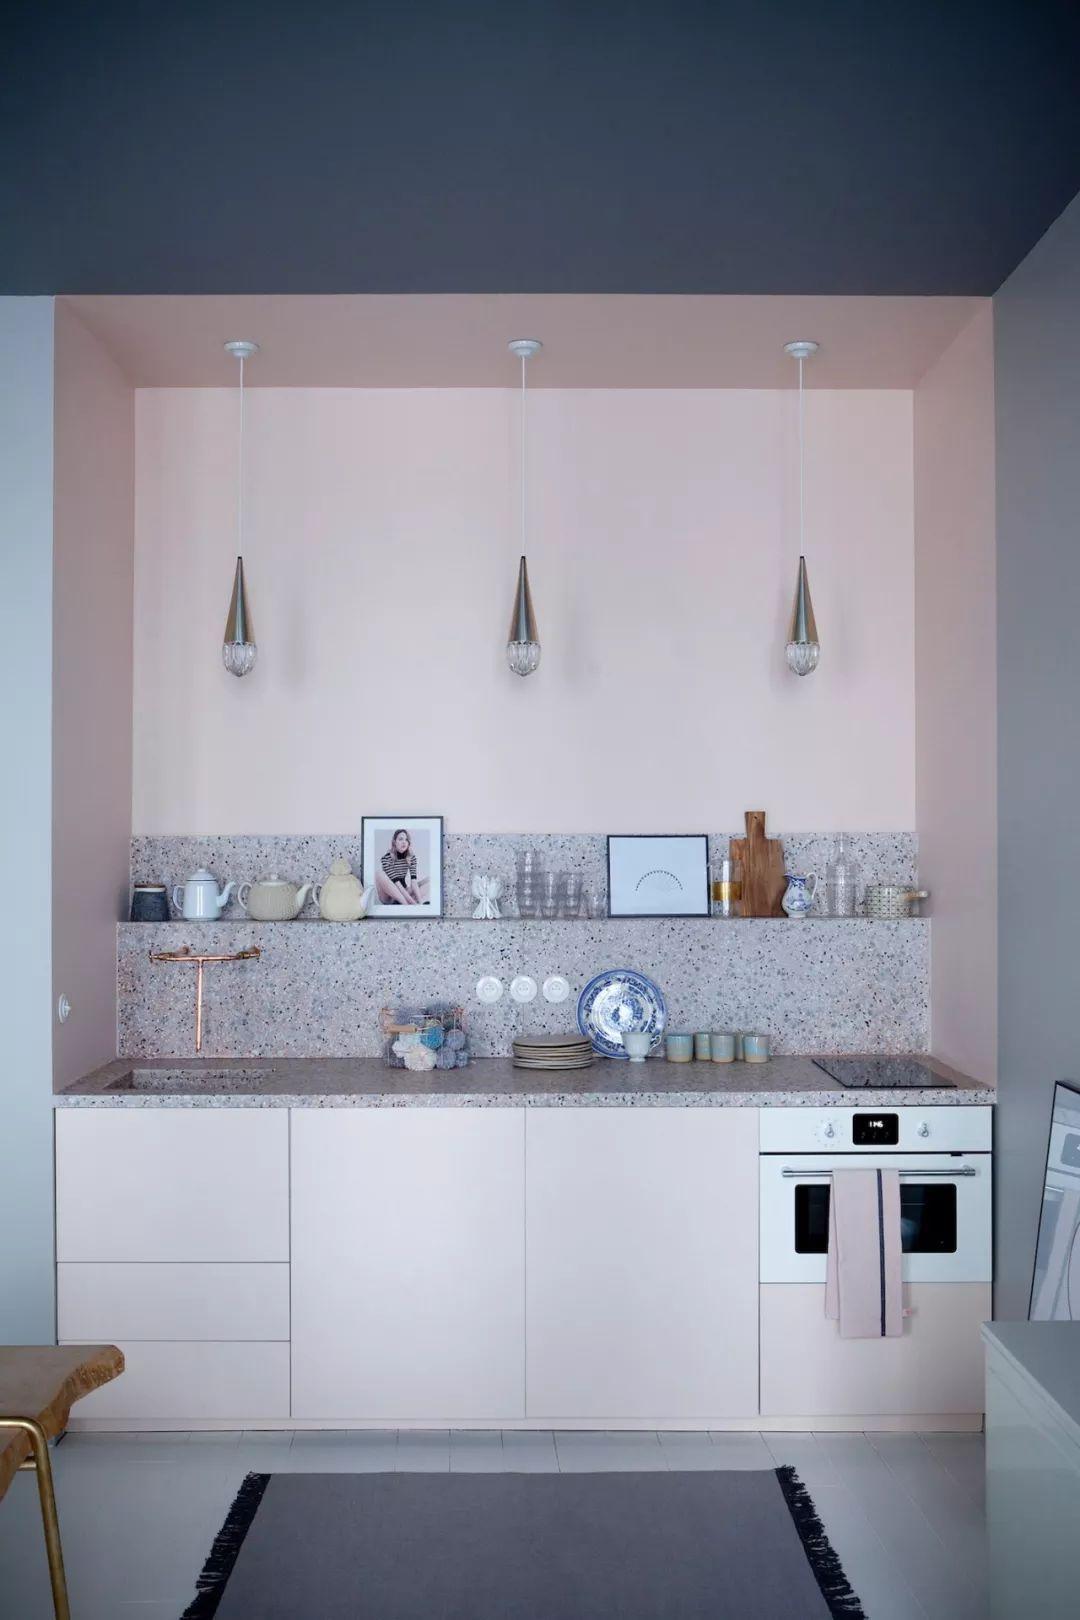 做厨房台面可以用花岗岩好不好